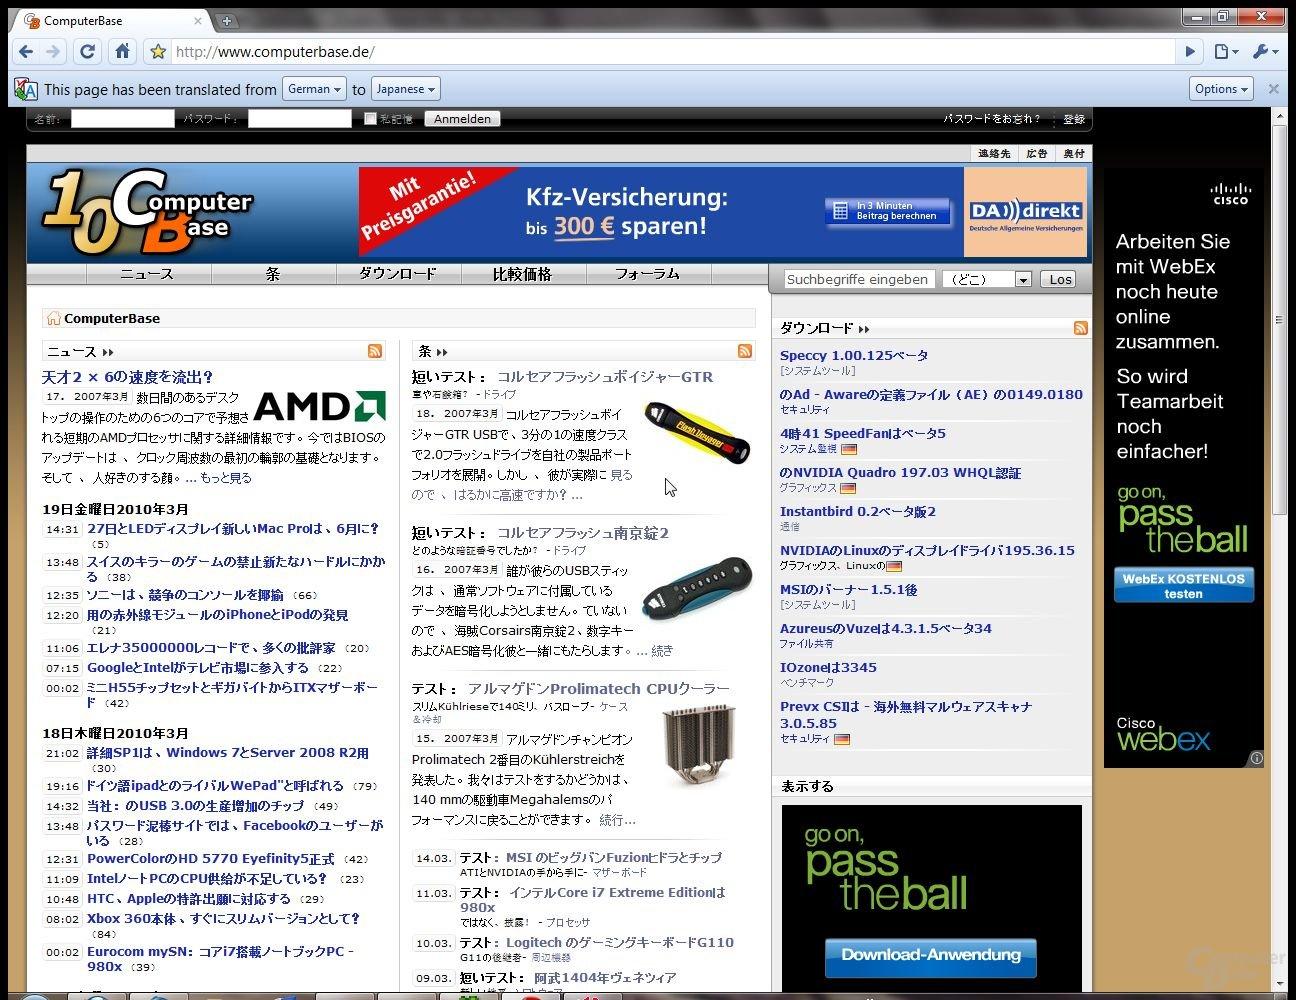 Übersetzungs-Funktion von Google Chrome 4.1